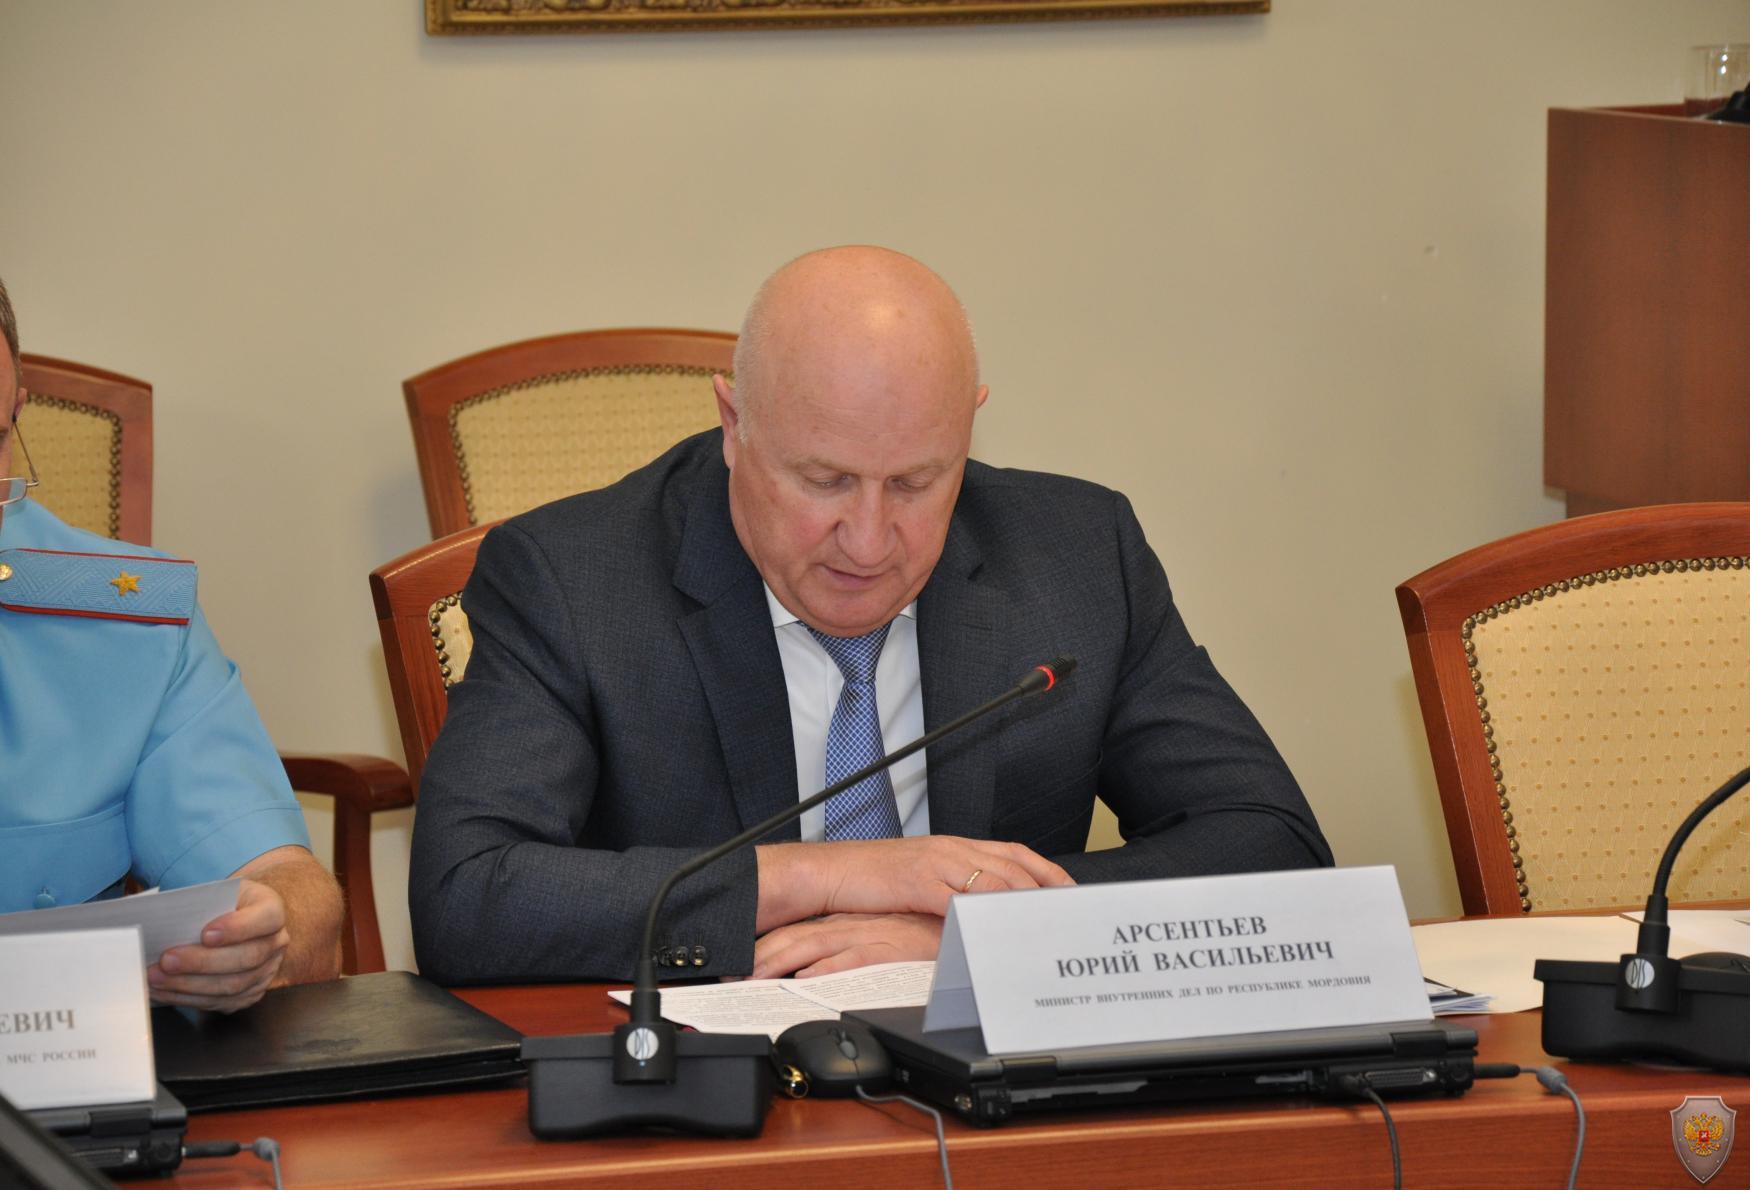 Выступление министра внутренних дел Республики Мордовия Арсентьева Ю.В.